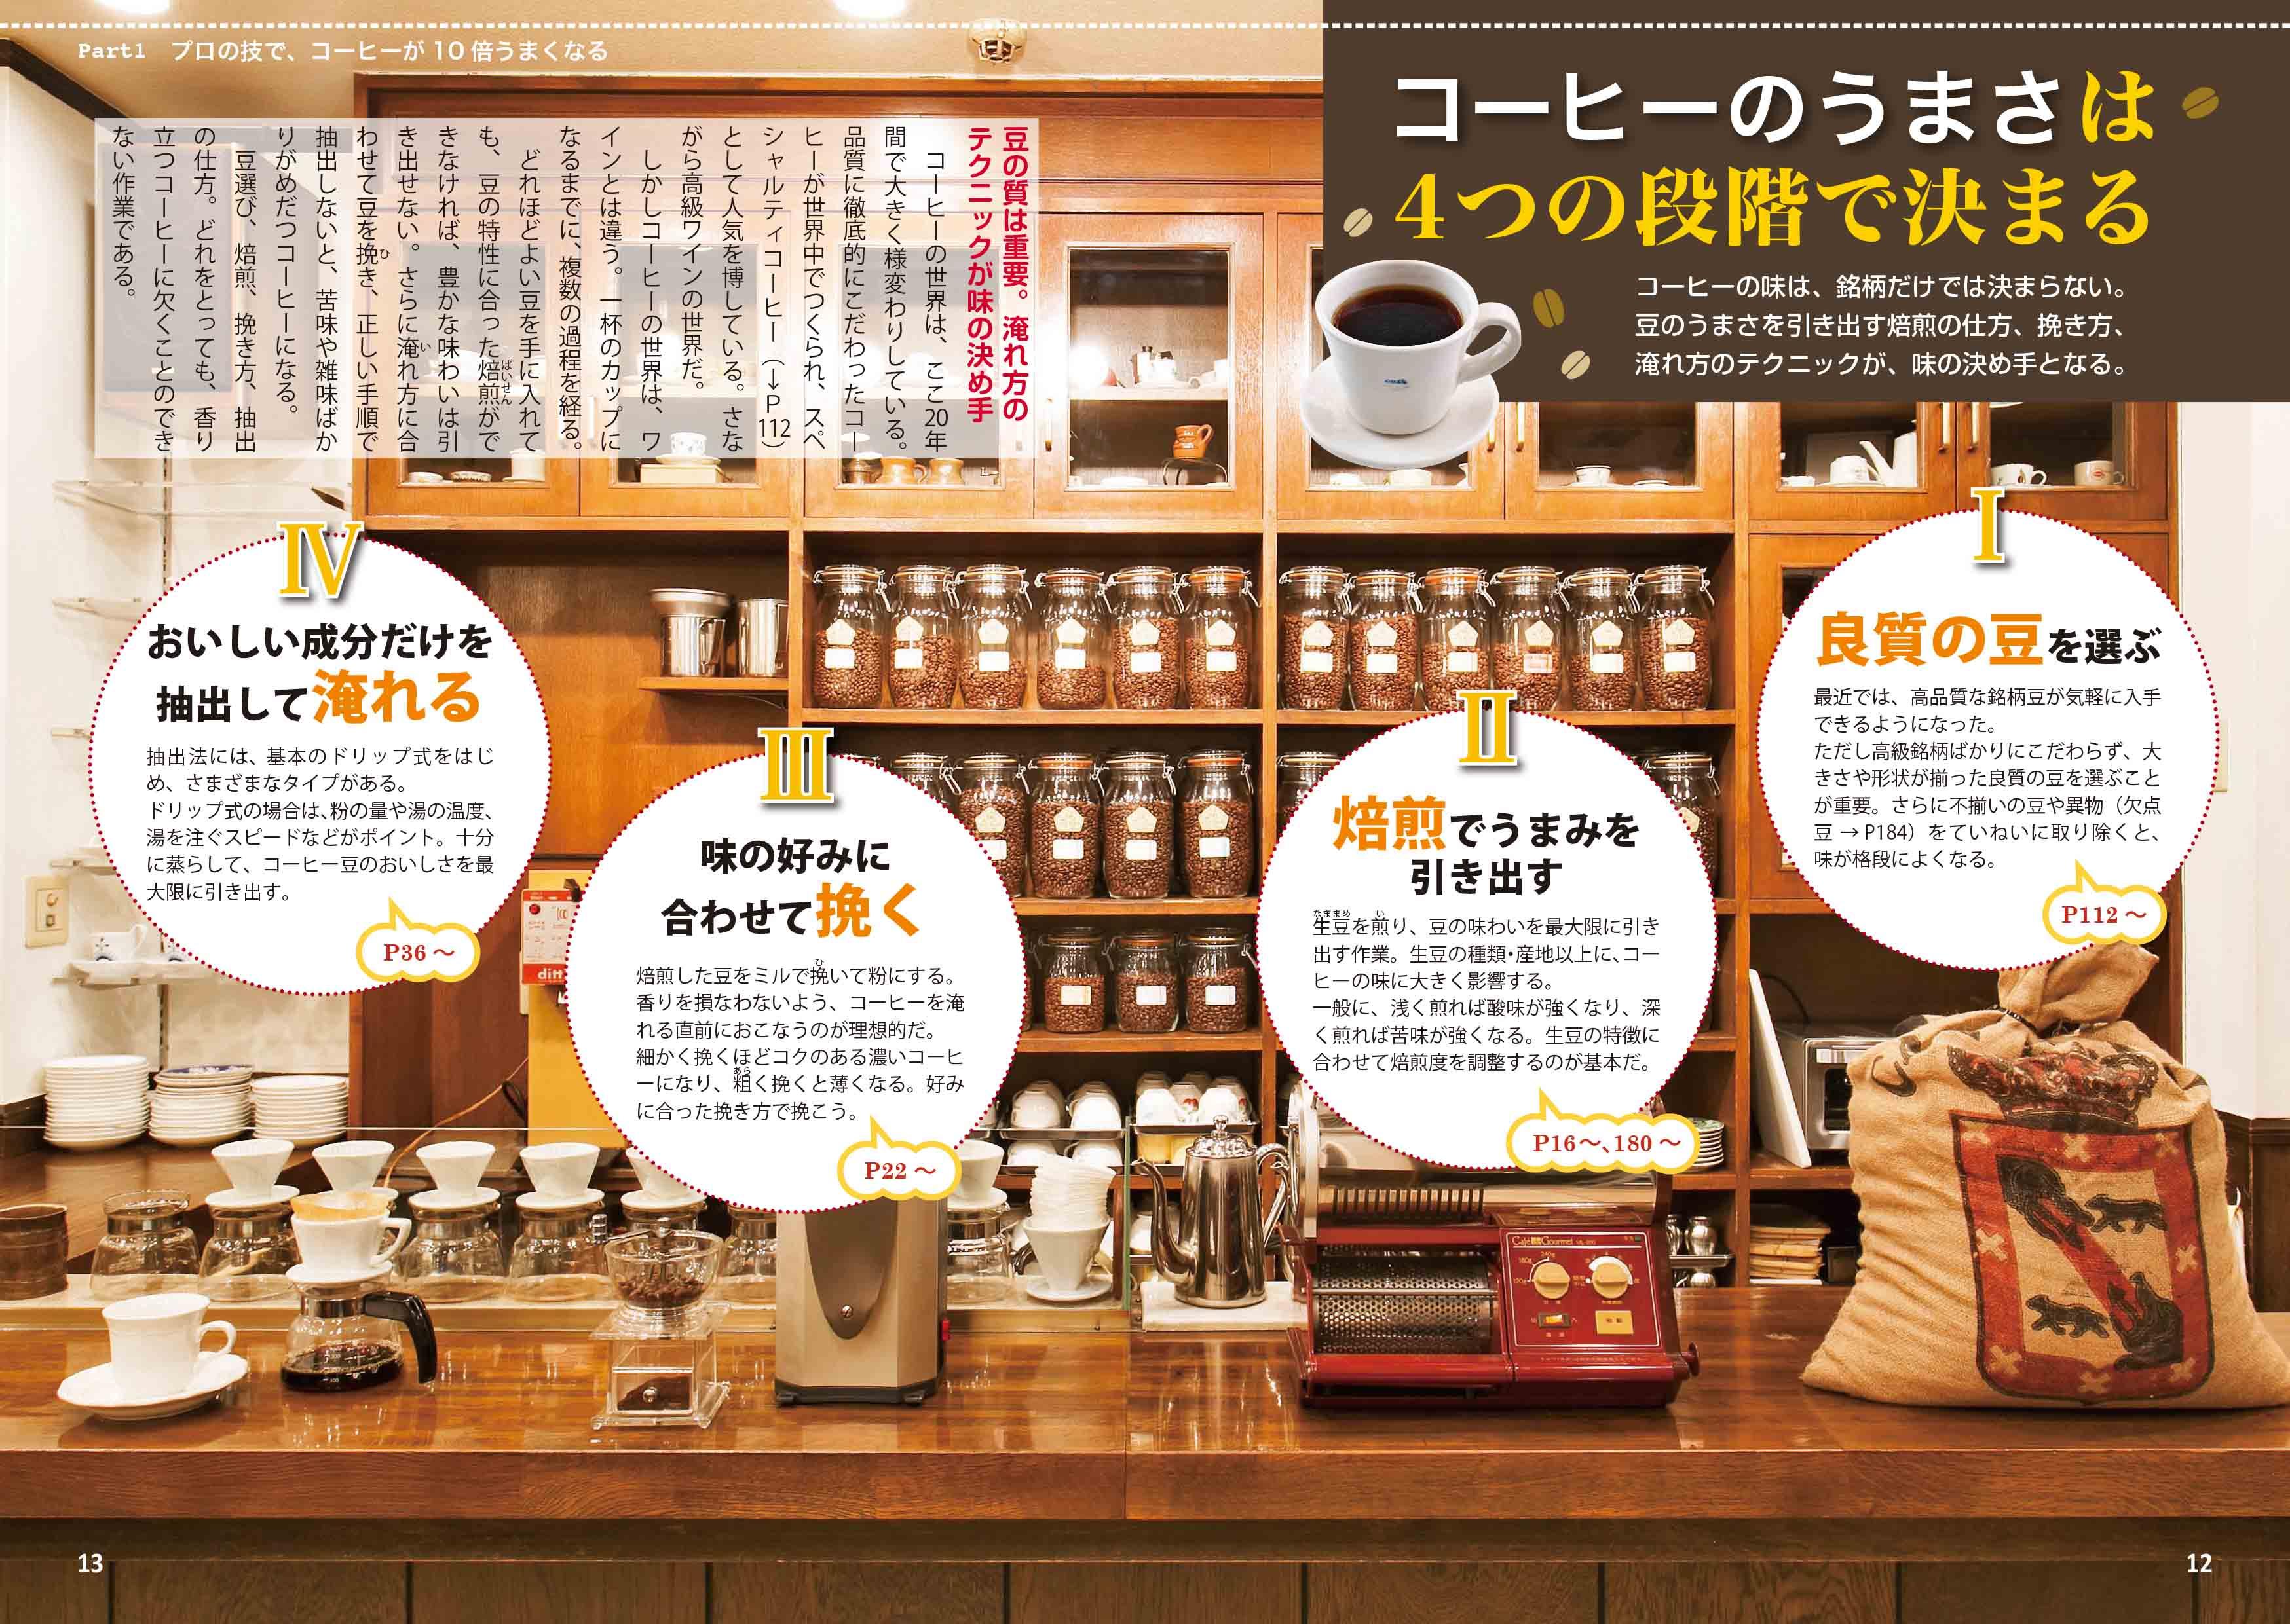 「コーヒーのうまさは4つの段階で決まる」紙面